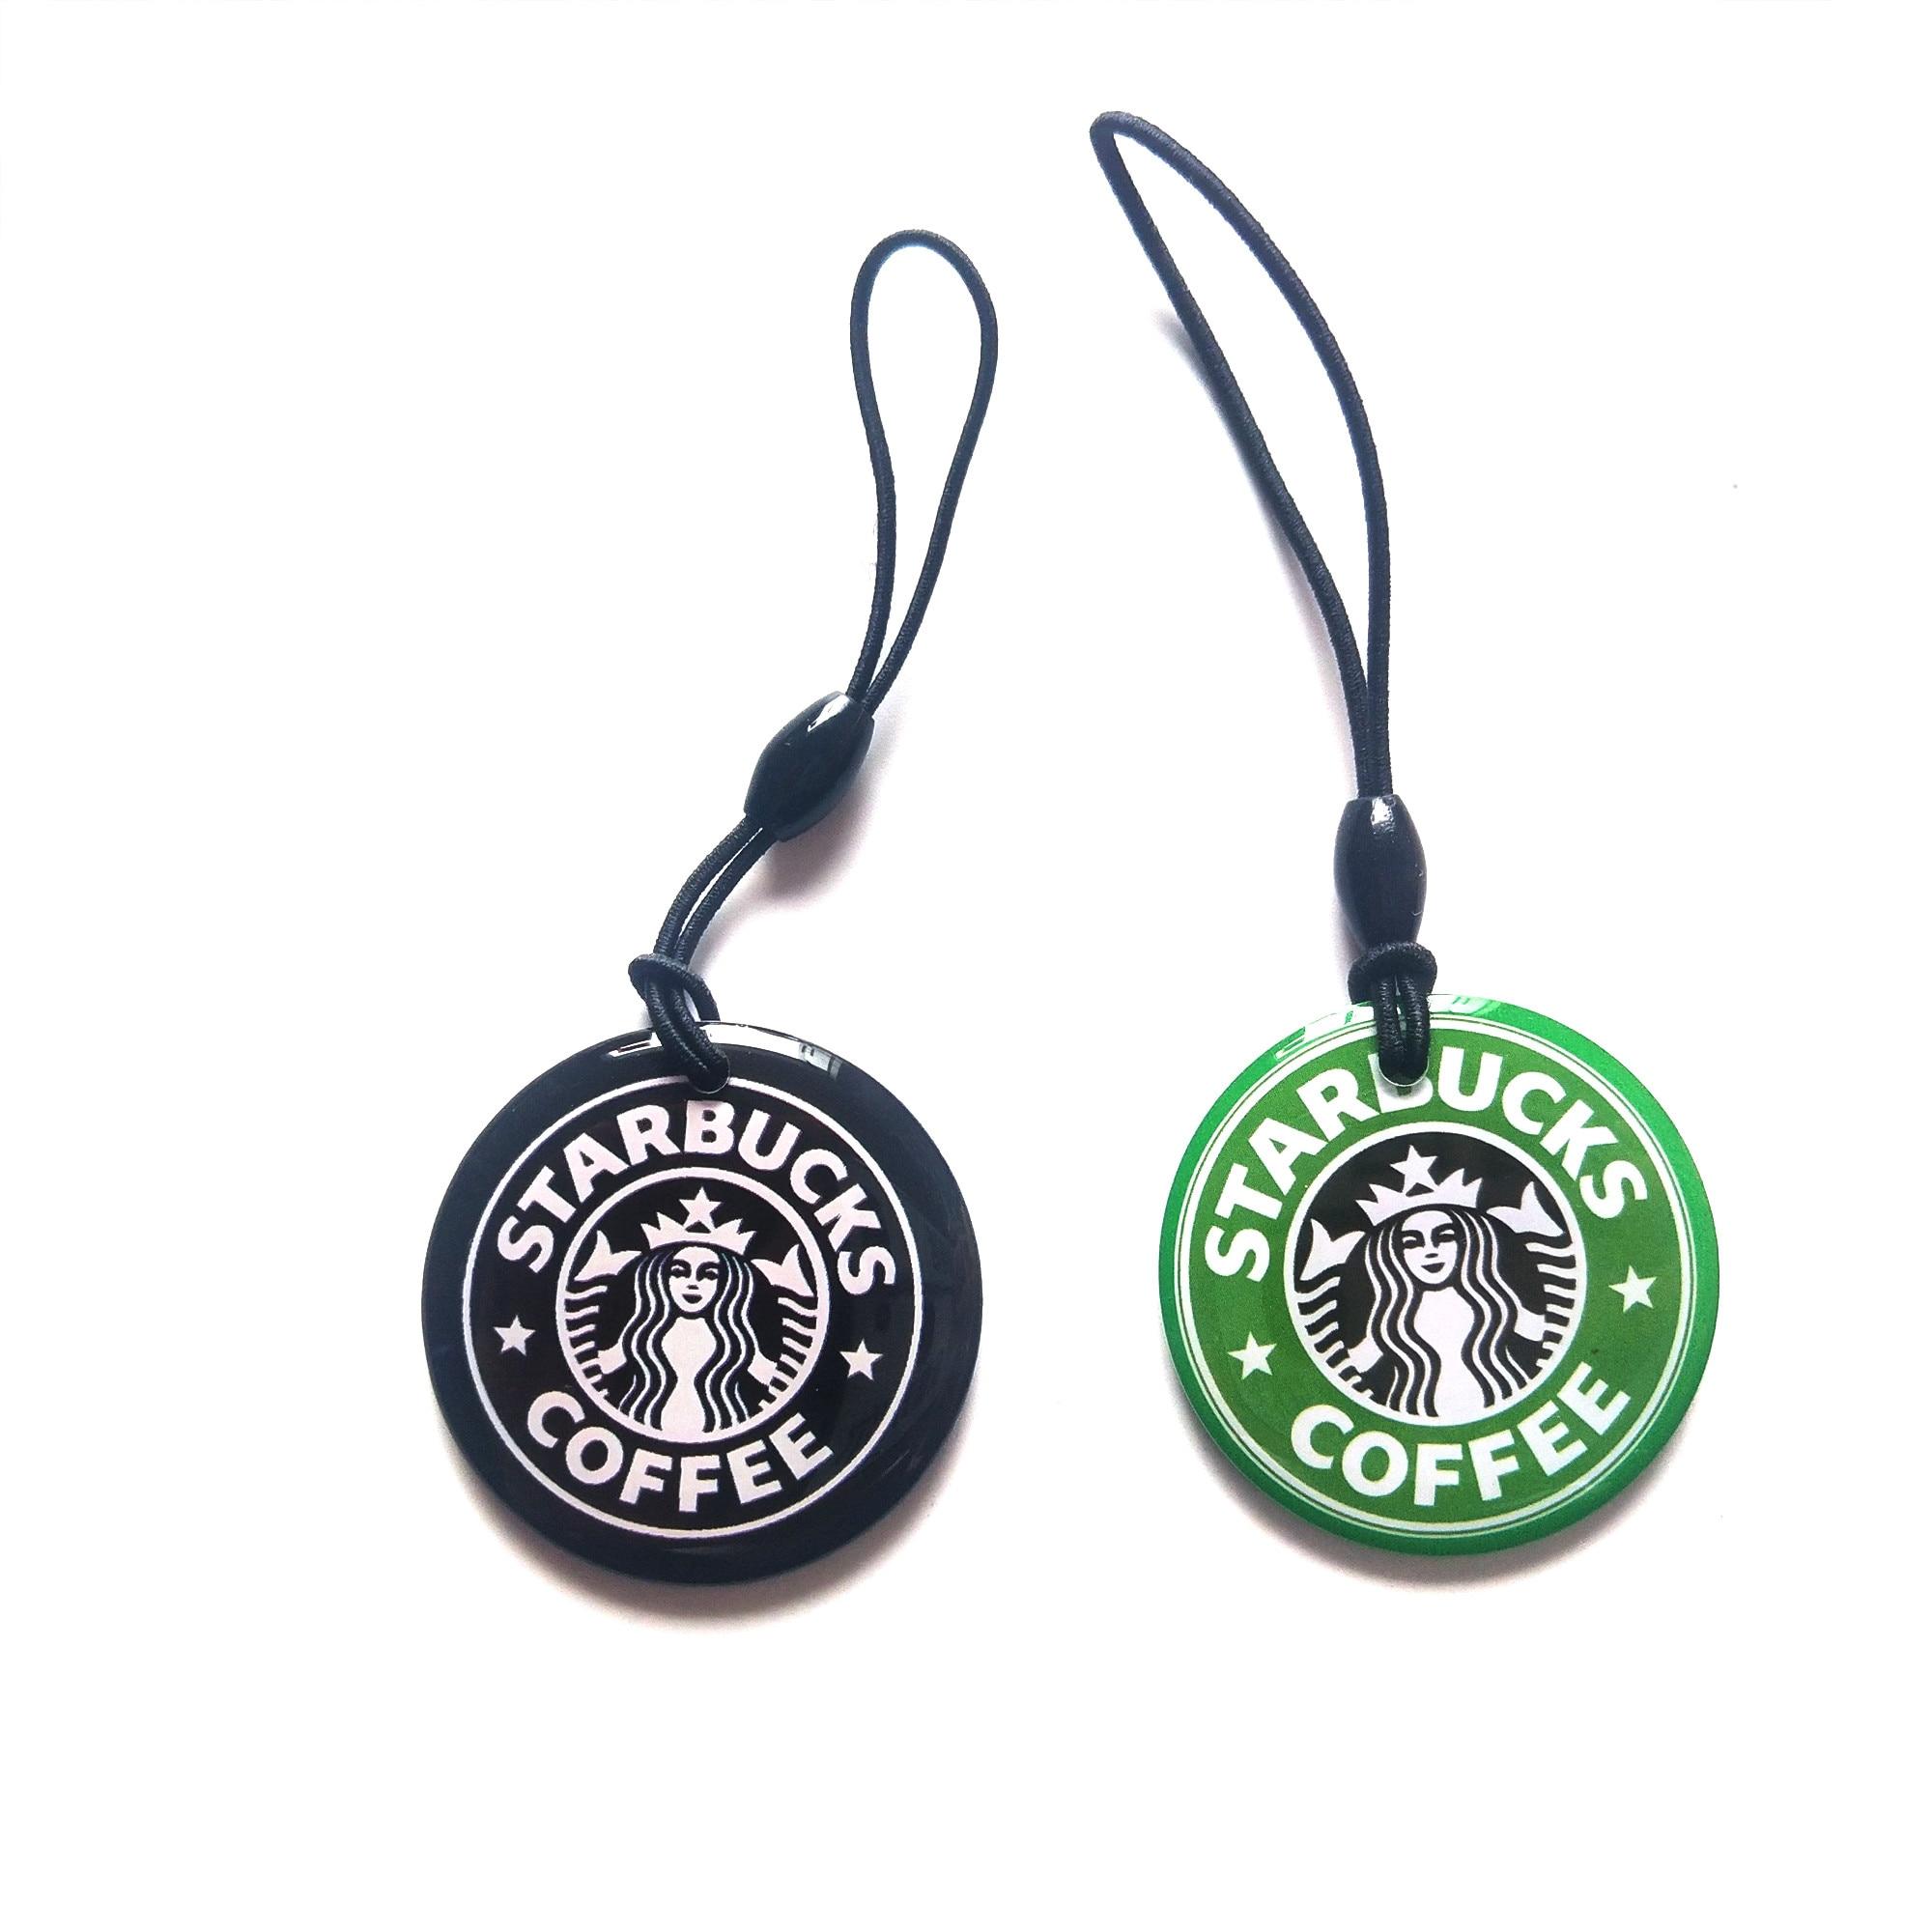 1Pcs T5577 RFID Rewritable Cartoon Keyfobs Duplicator Badge